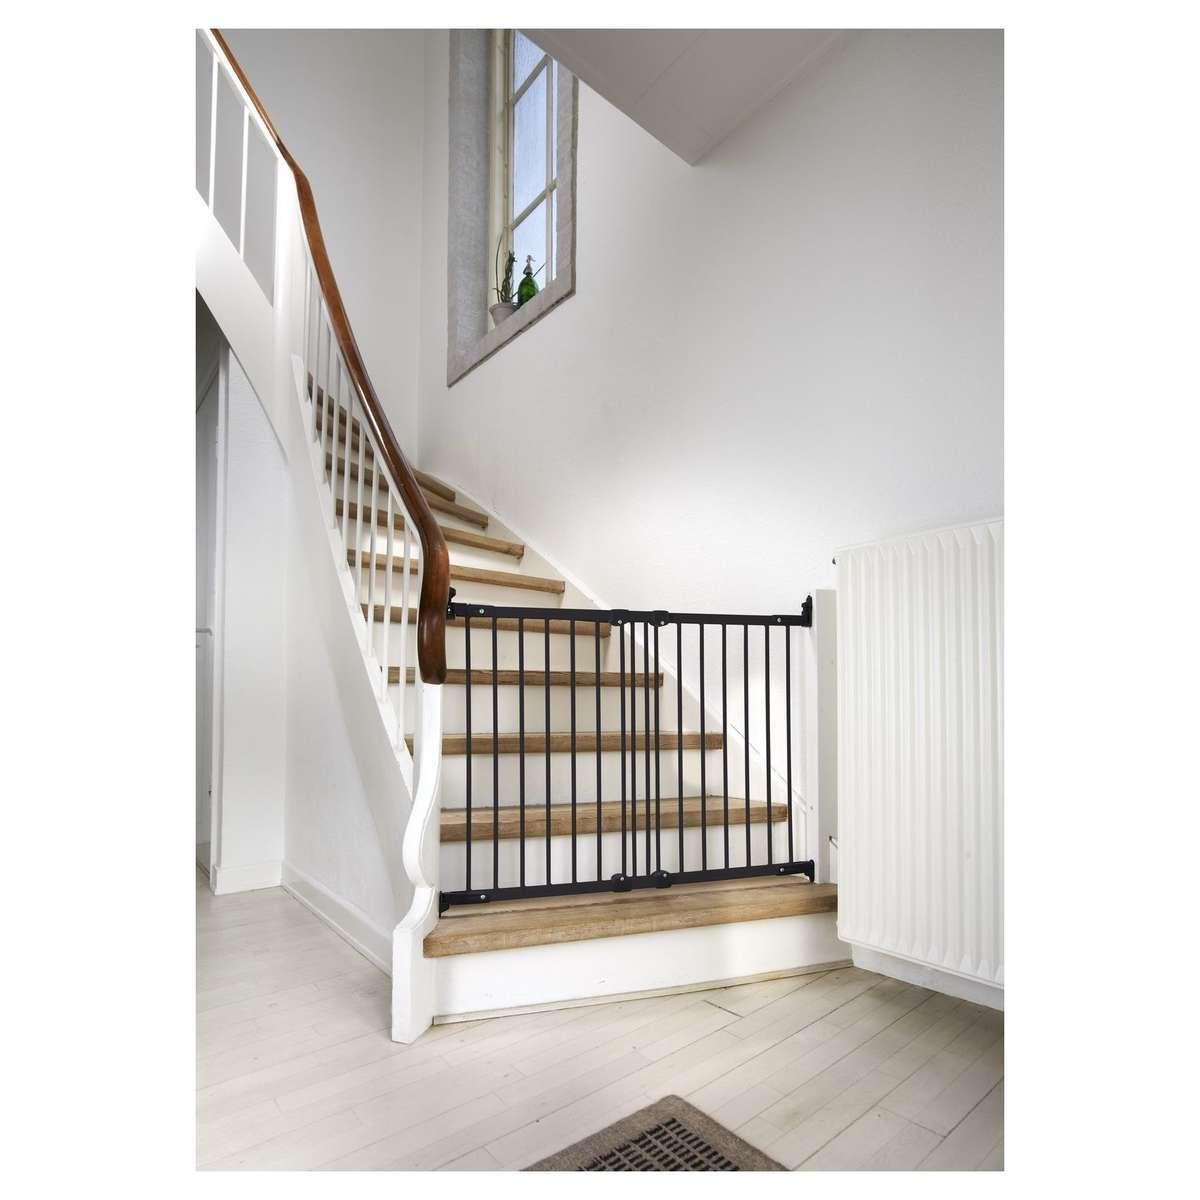 babydan barri re de s curit en m tal flexifit noir barri re de s curit babydan sur l. Black Bedroom Furniture Sets. Home Design Ideas